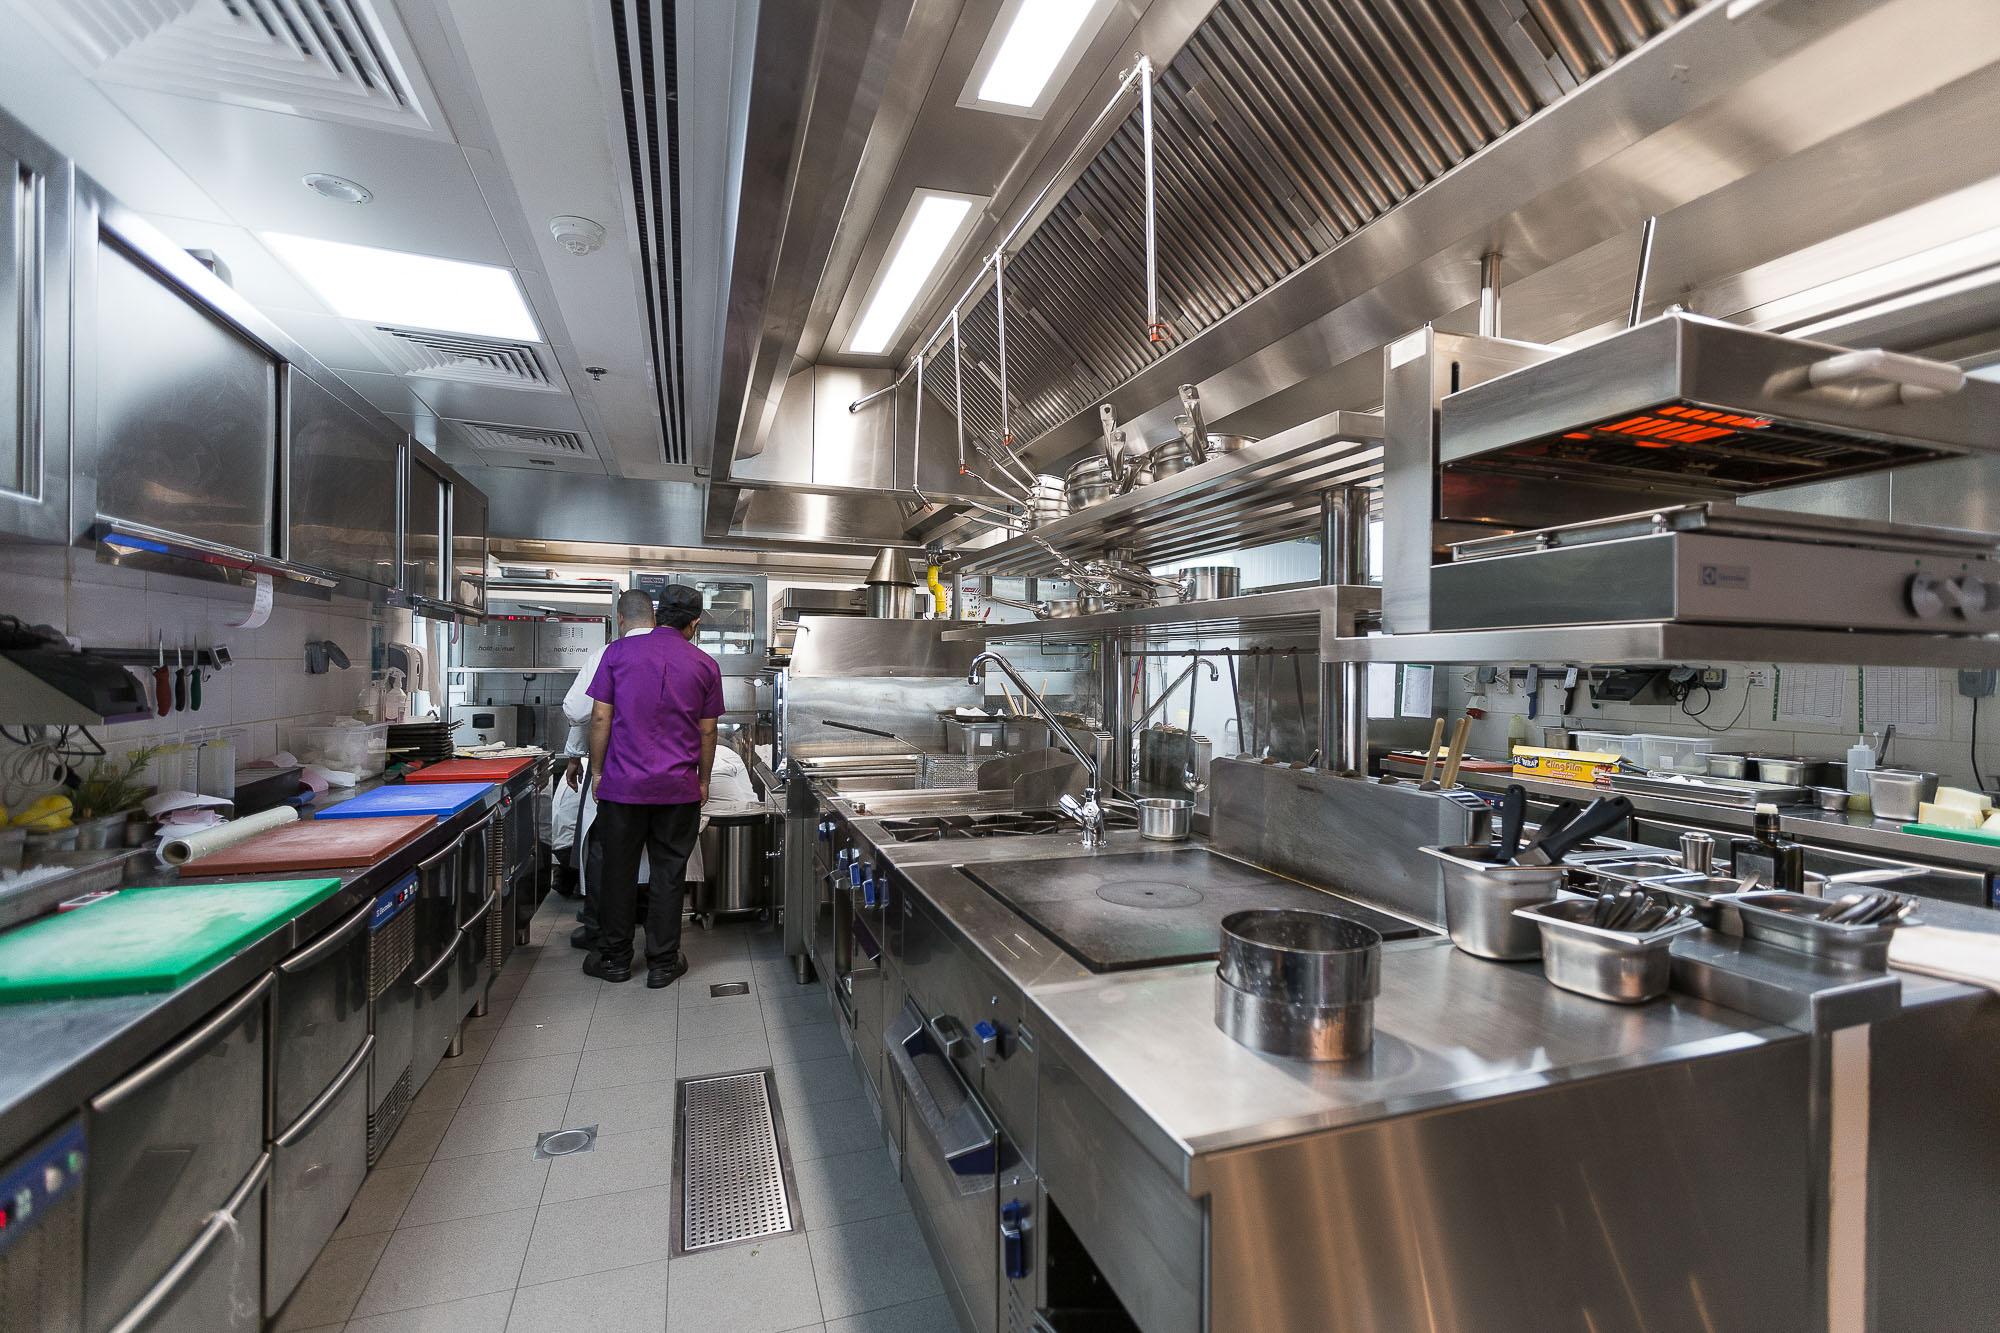 italia_kitchen_robertos_abu_dhabi_34